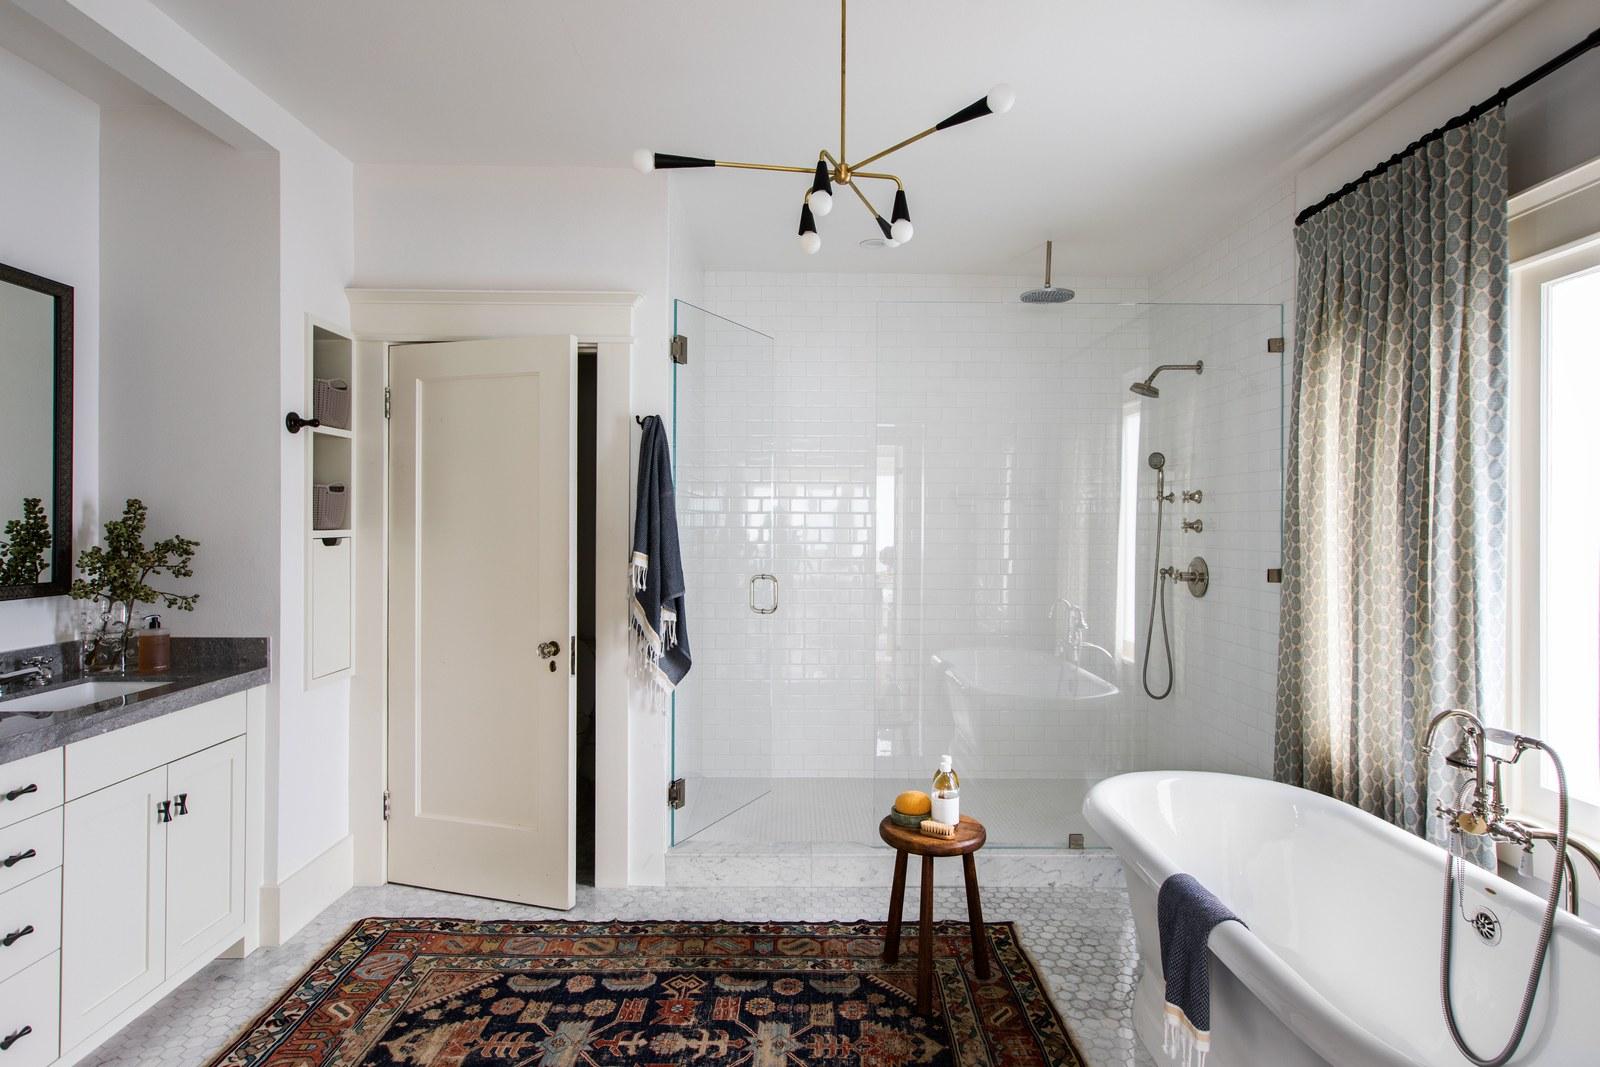 bain blanc classique avec tapis vintage | visite de maison d'artisan historique moderne jacey duprie